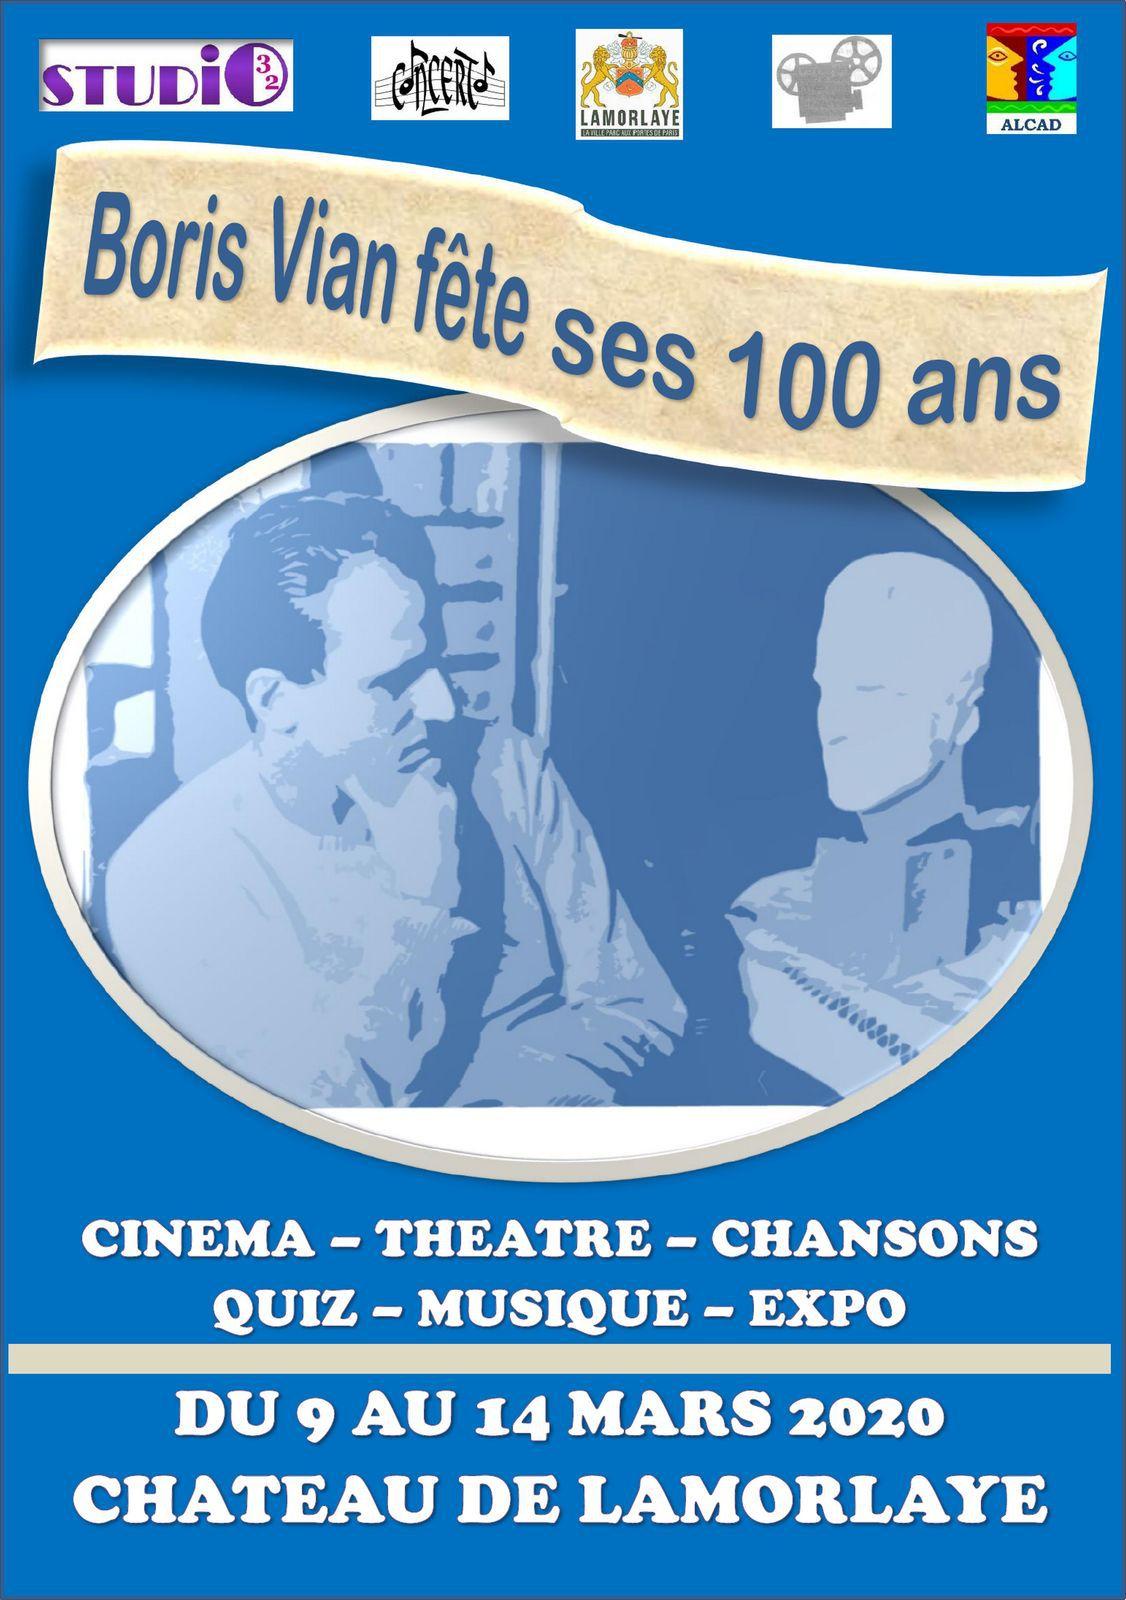 Boris Vian fête ses 100 ans